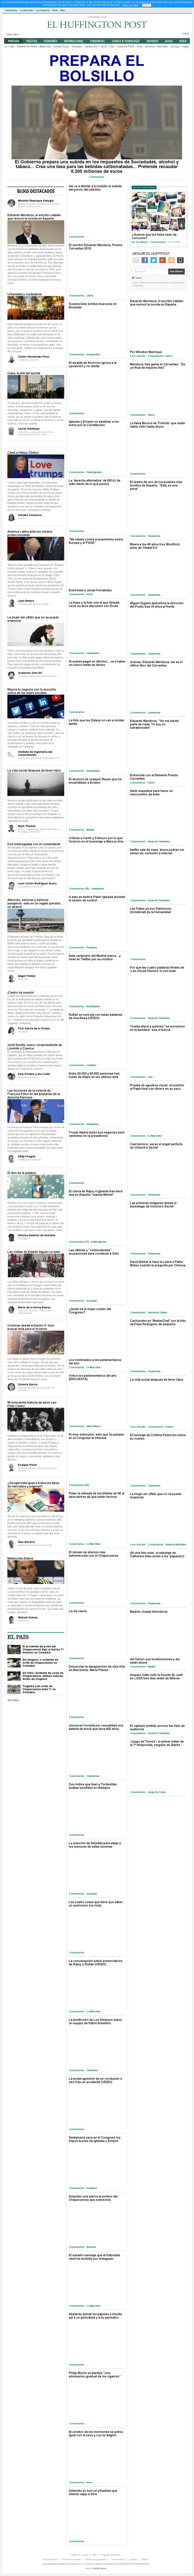 El Huffington Post (Spain) at Thursday Dec. 1, 2016, 12:05 a.m. UTC